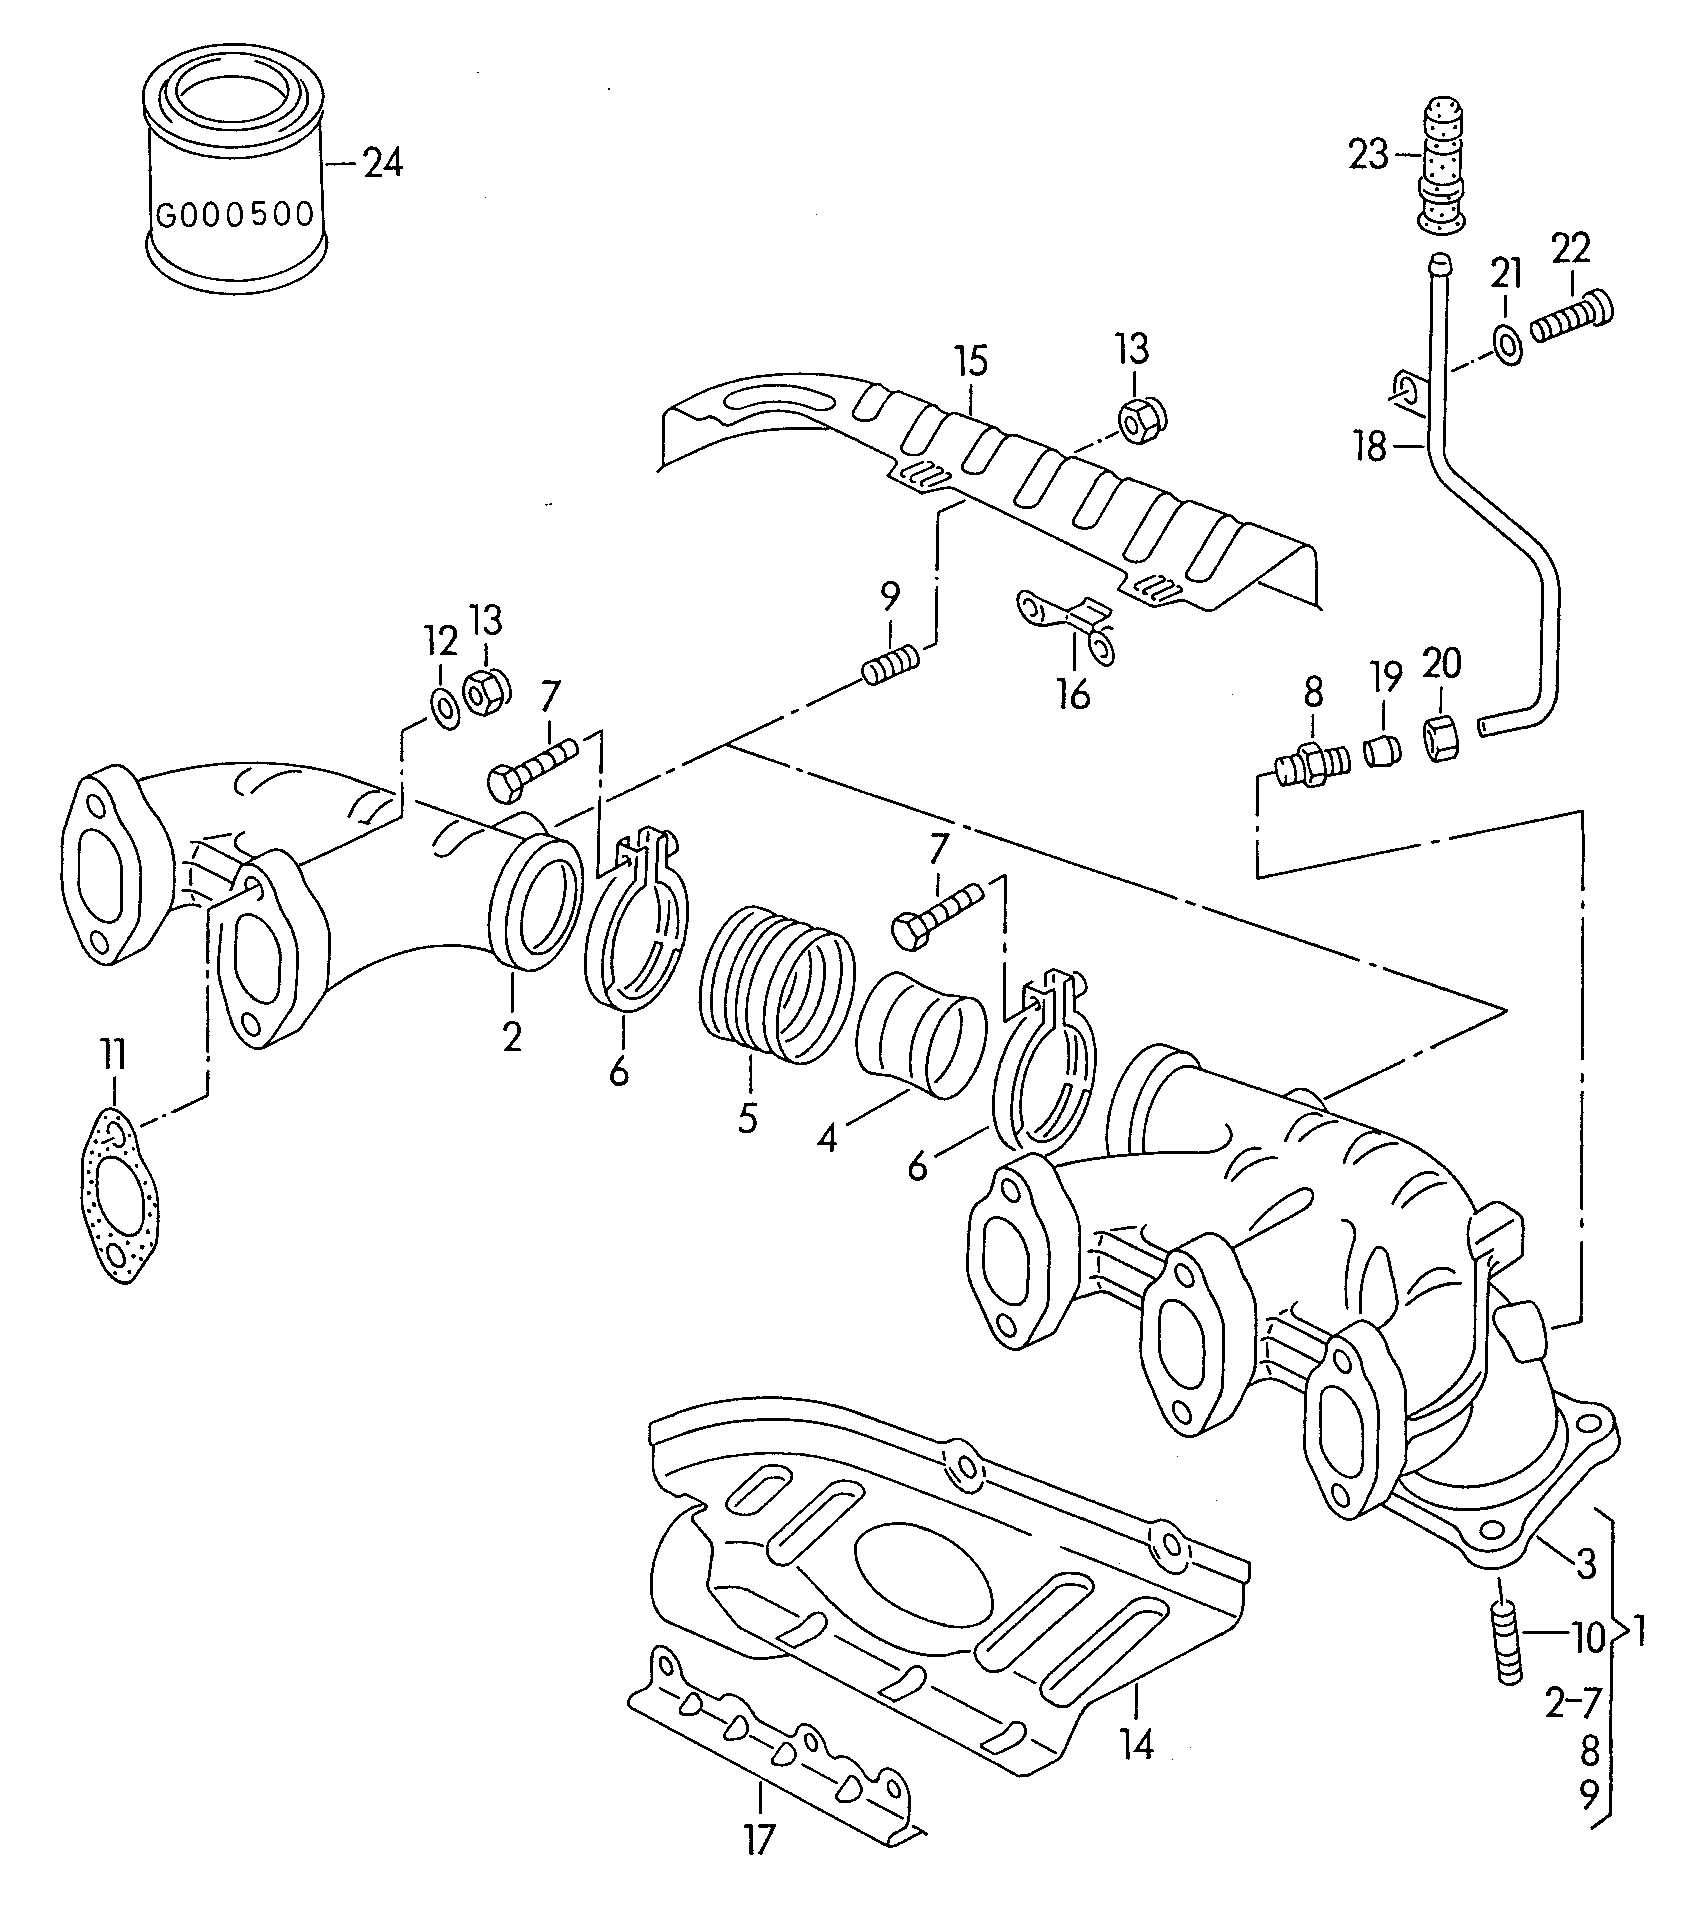 Vw Eurovan 5 Cylinder Engine Diagram. Diagram. Auto Wiring